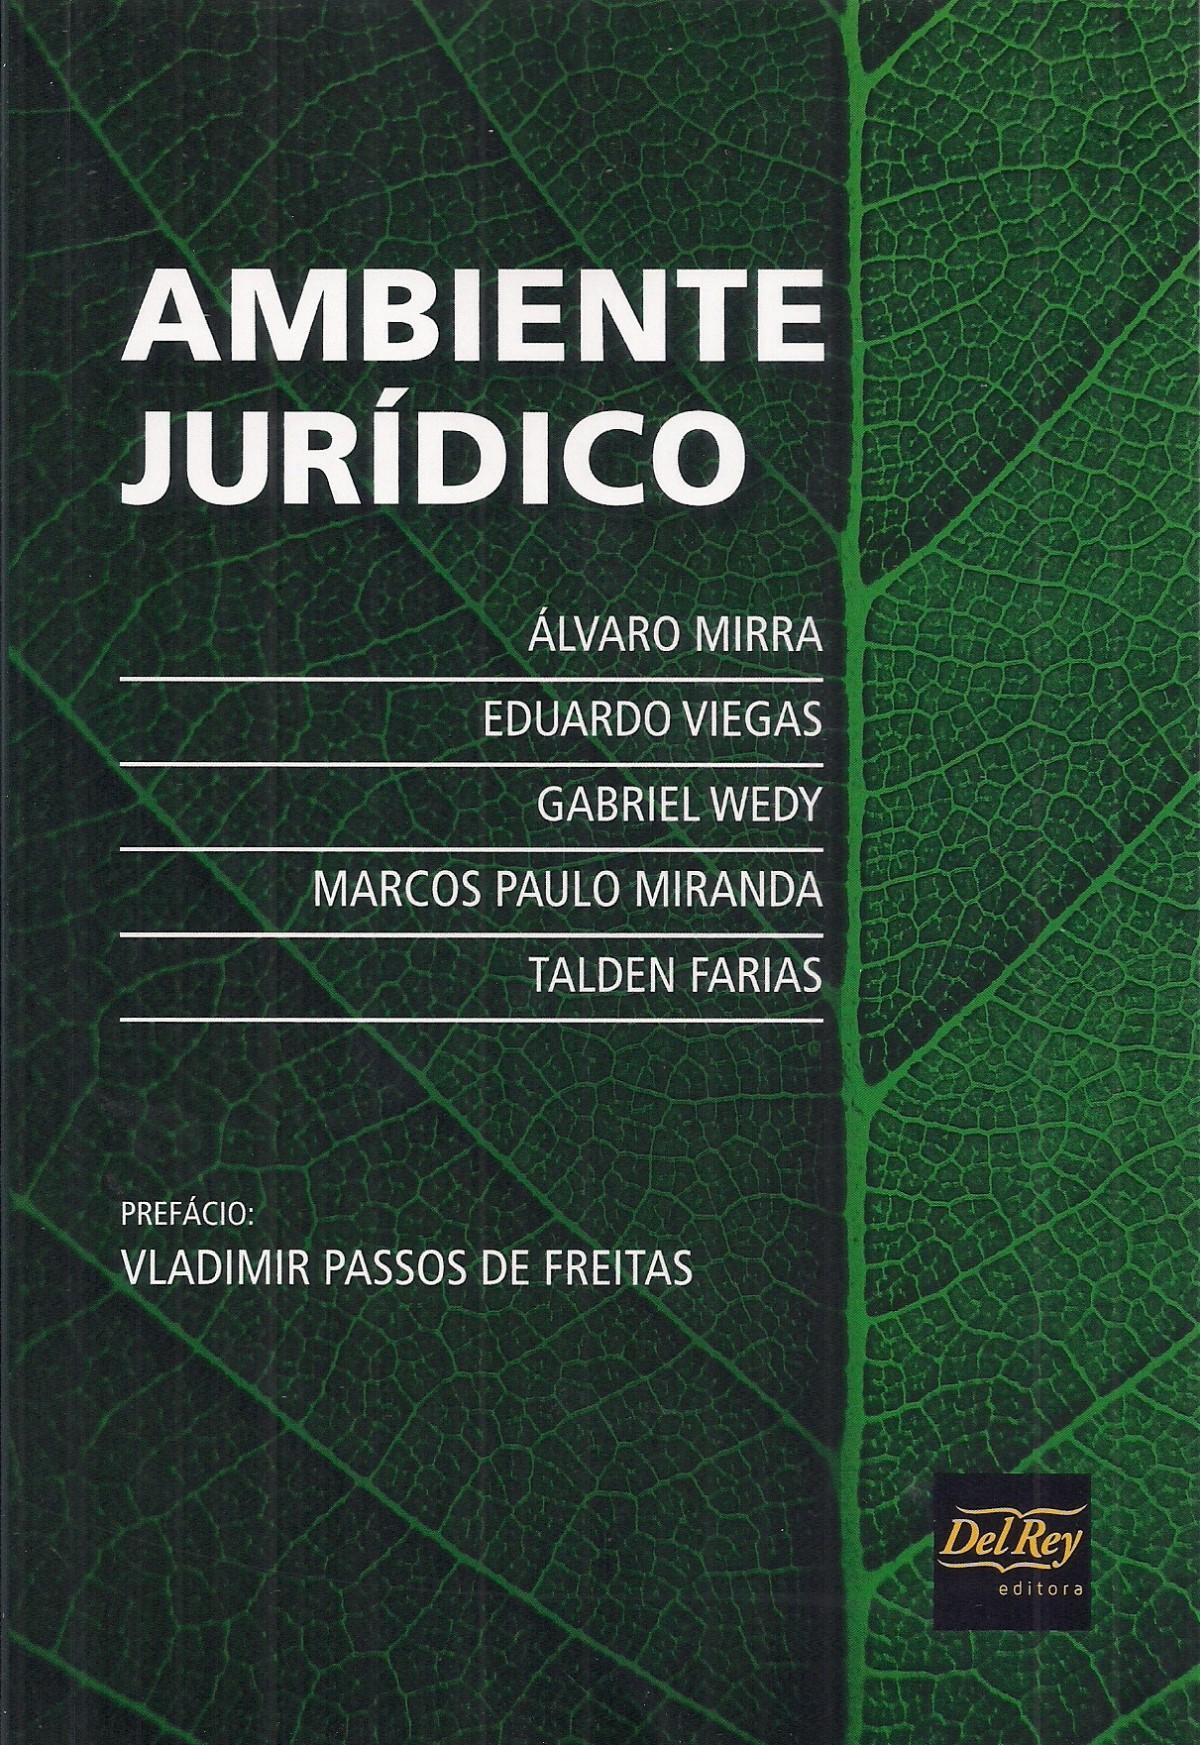 Foto 1 - Ambiente Jurídico